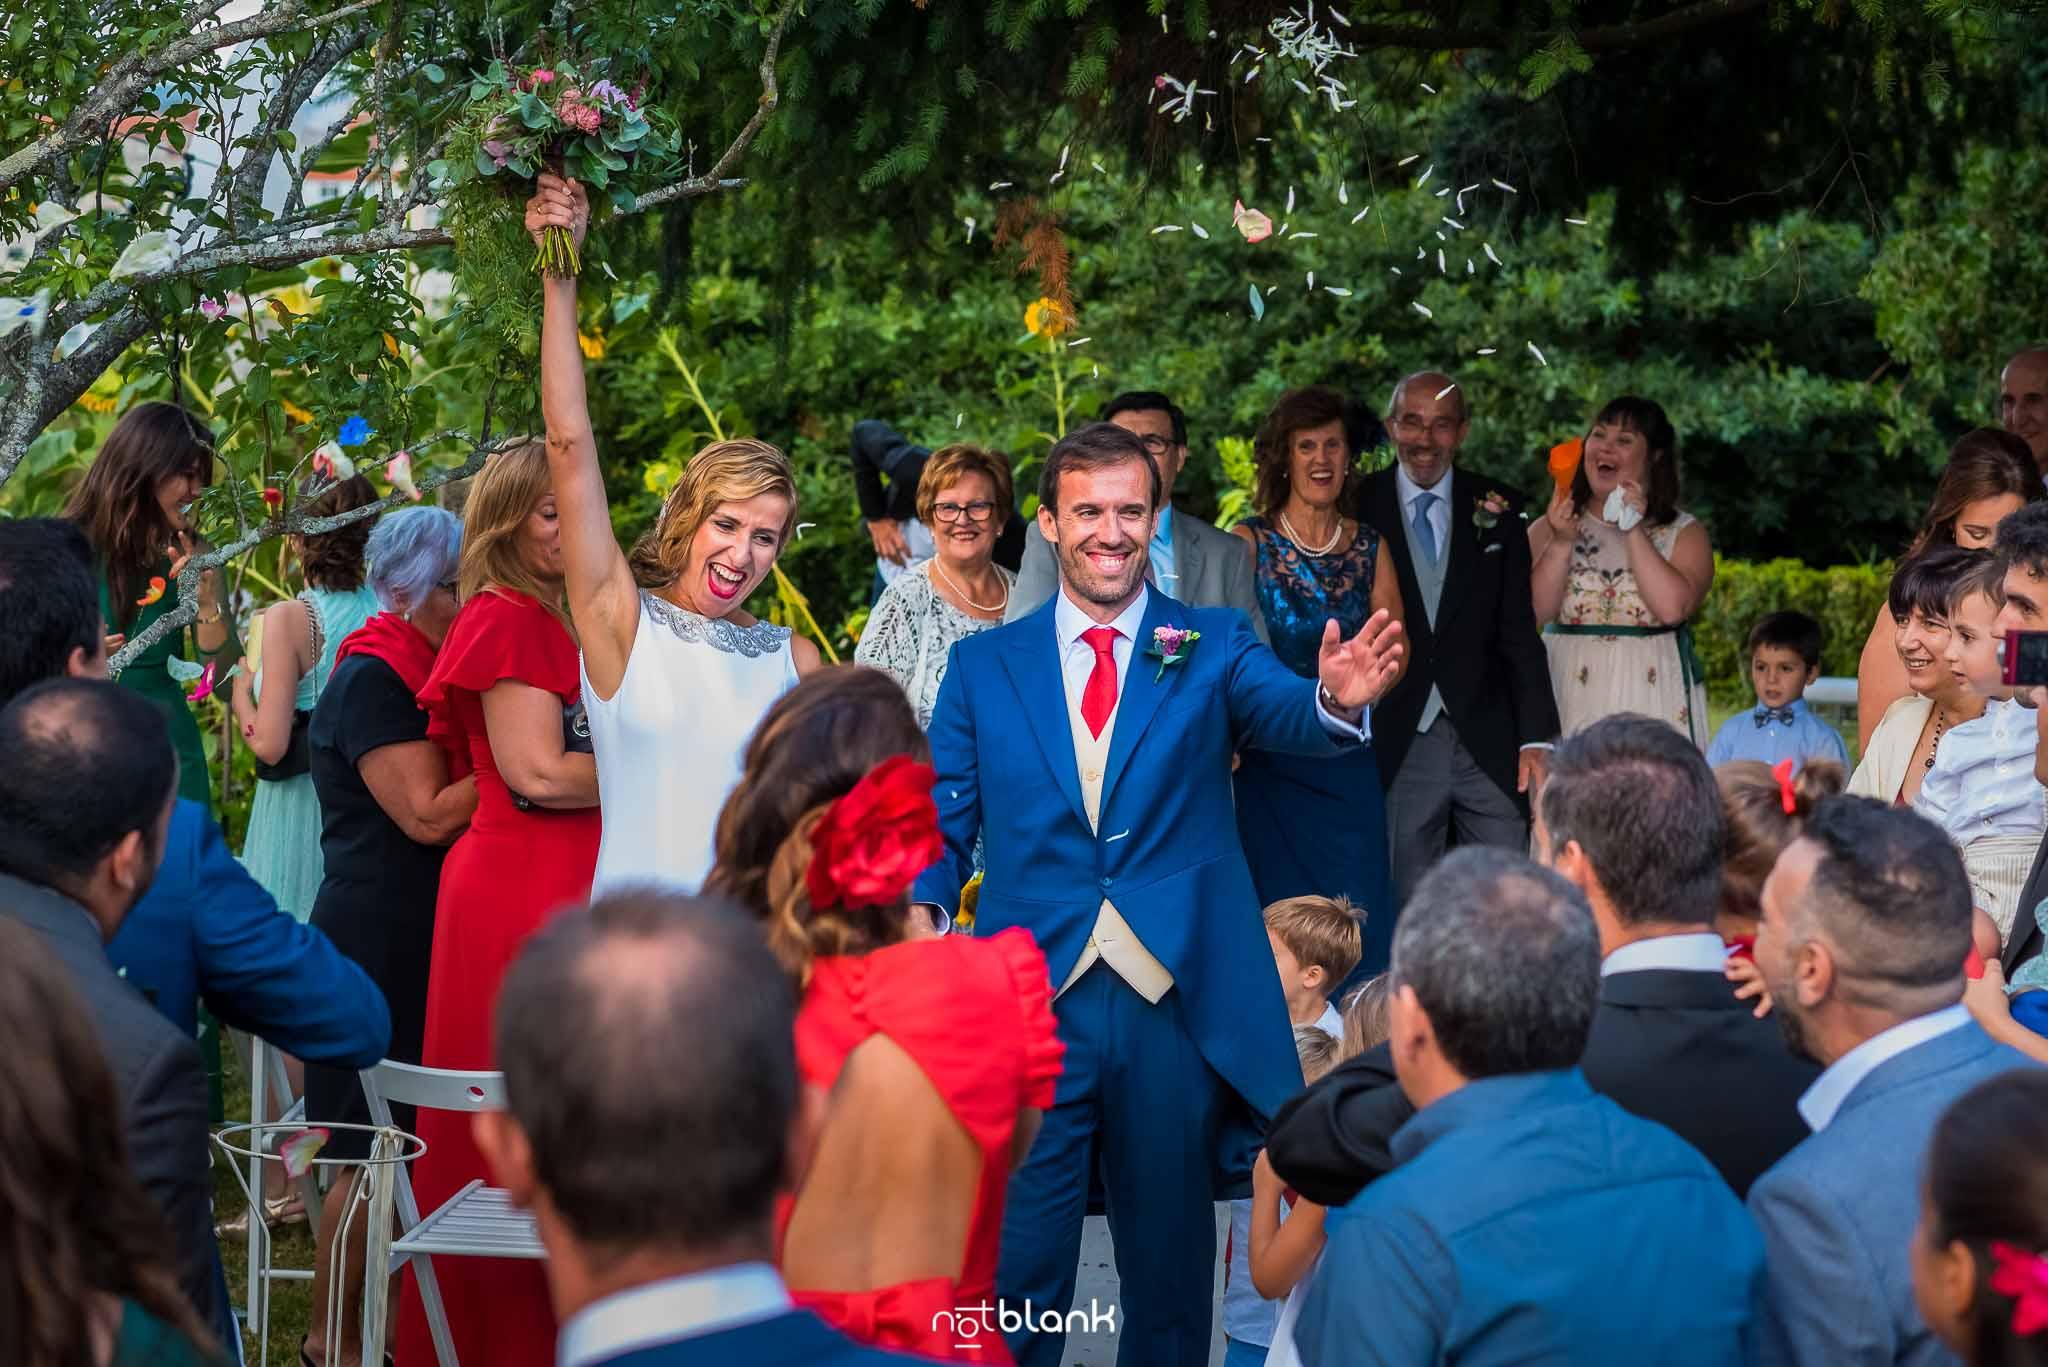 Boda En El Jardin De Casa Jana y Fran - Los invitados aplauden a los novios durante la ceremonia civil- Notblank Fotografos de boda